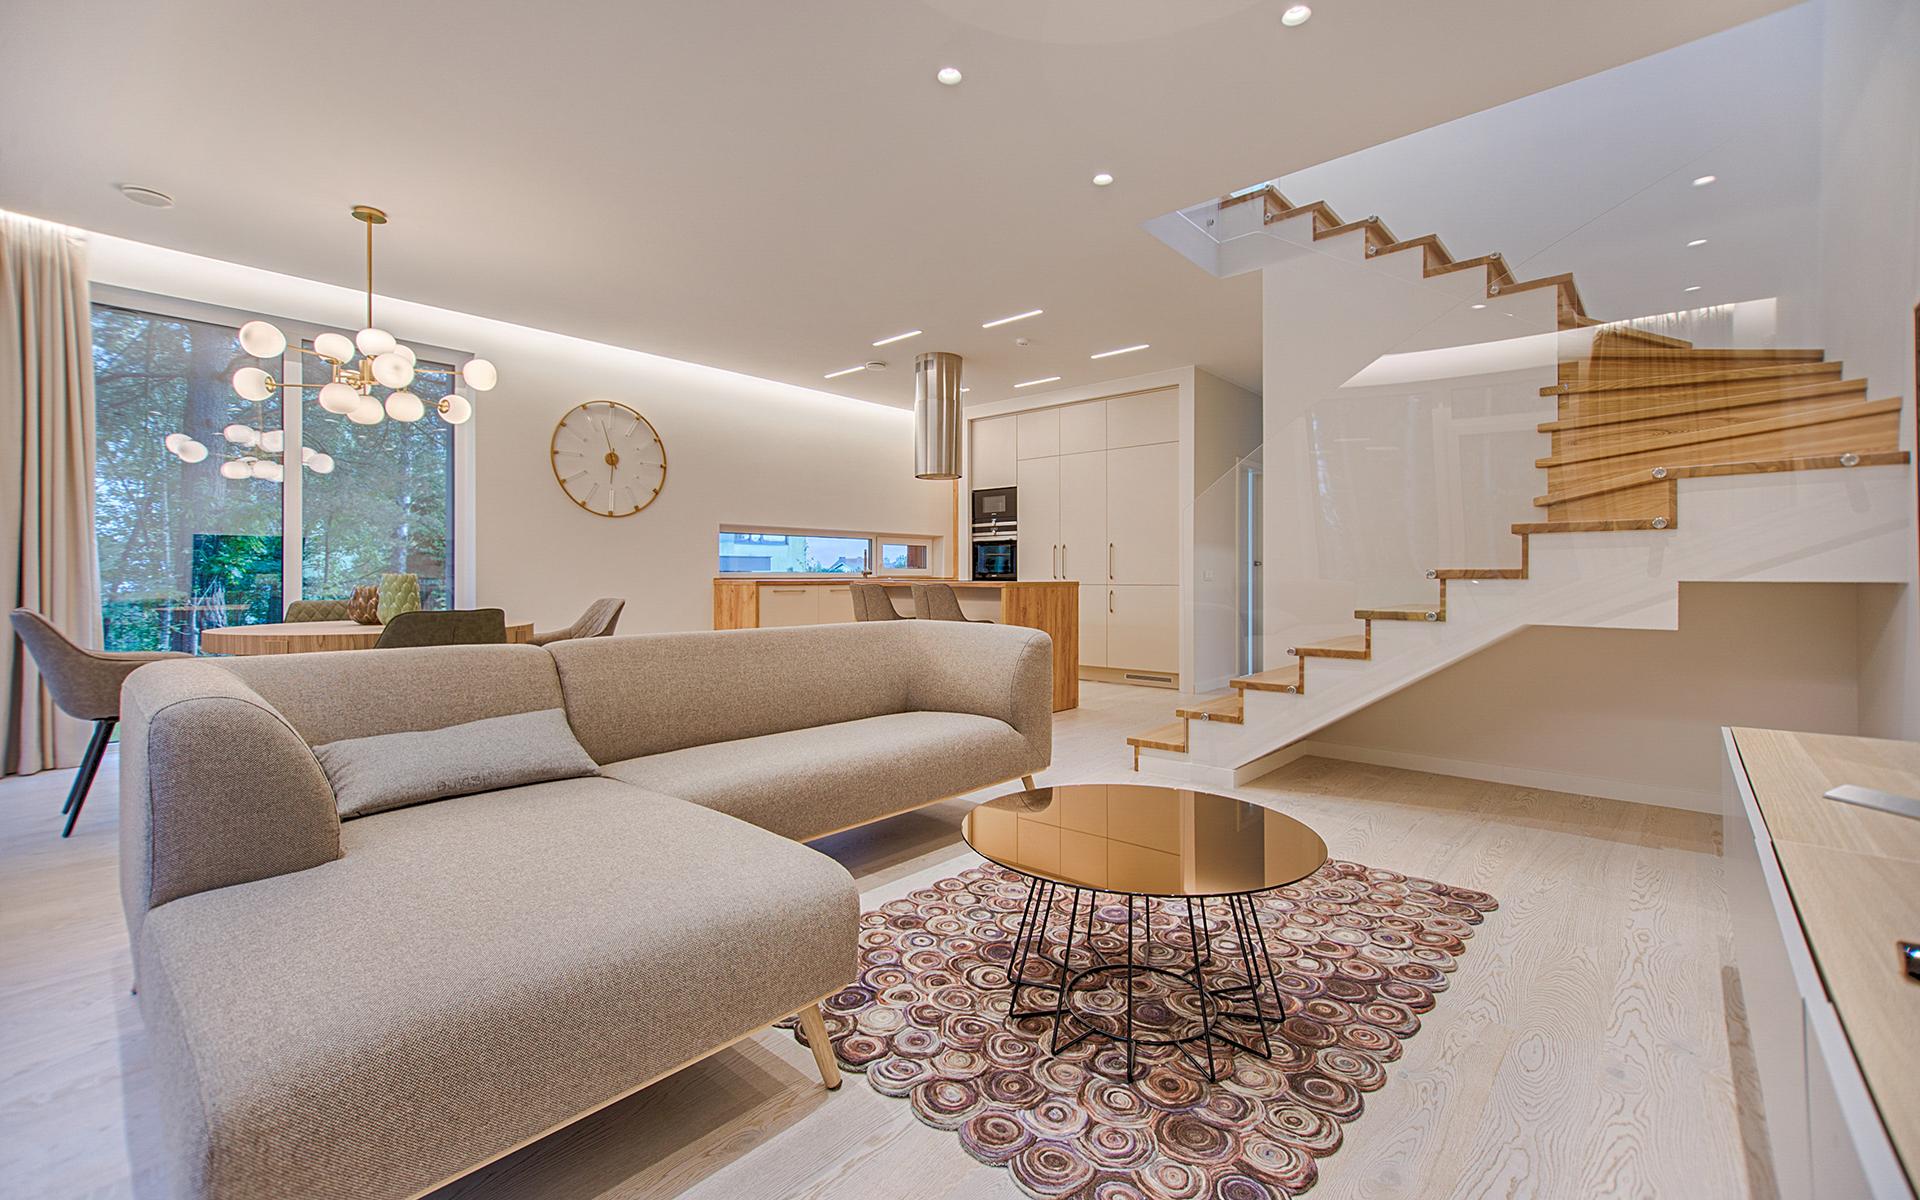 interior-design-of-a-house-1571460